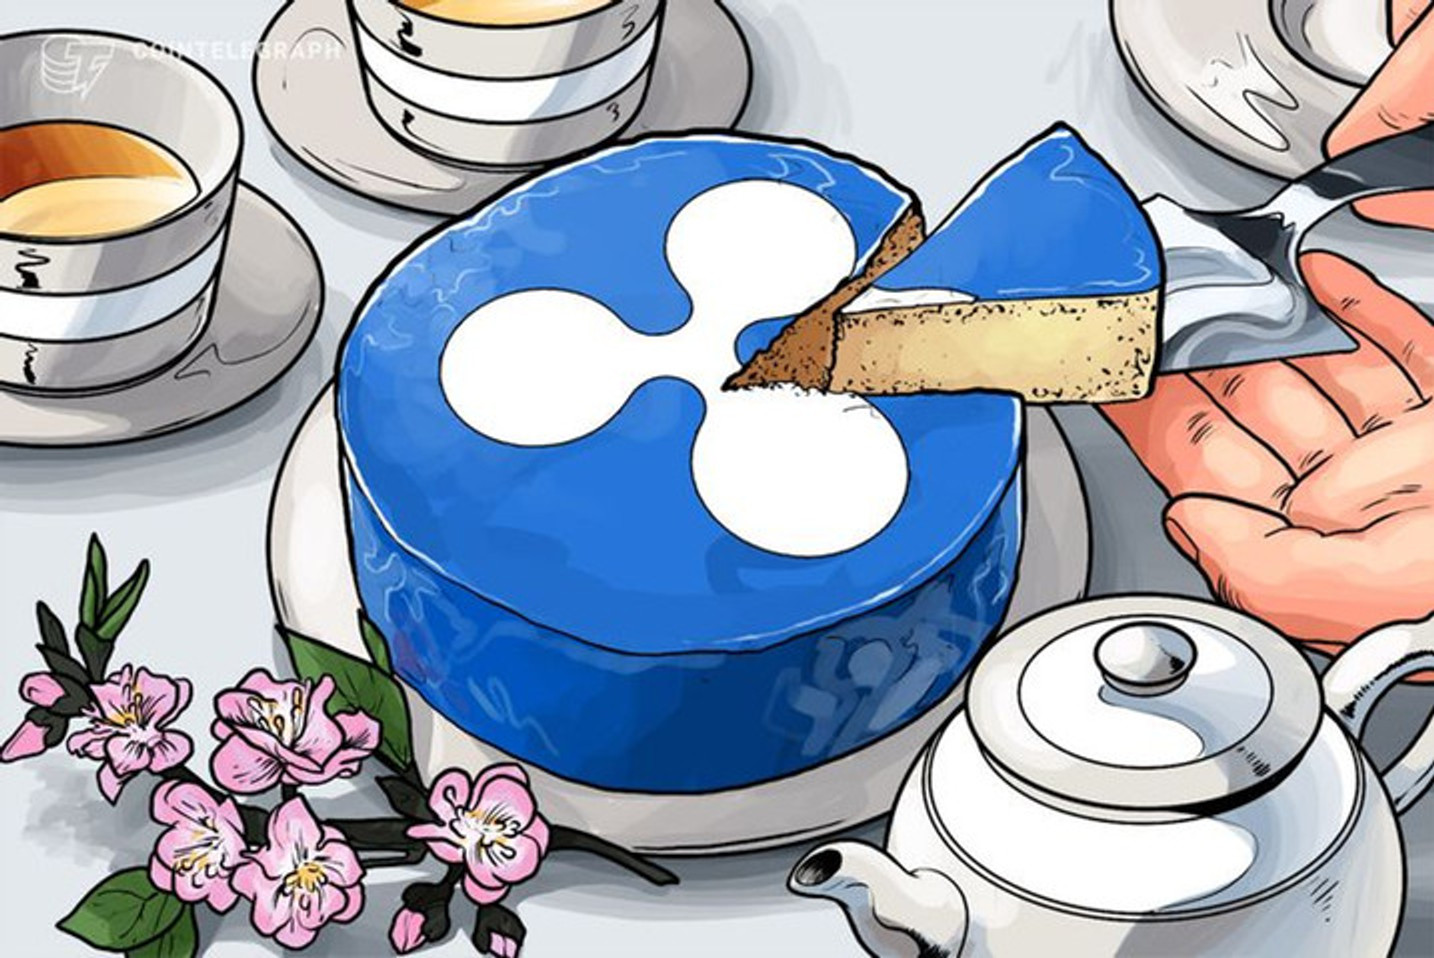 サンタンデール銀行、今年メキシコ市場に進出へ リップル社のクロスボーダー決済システムで